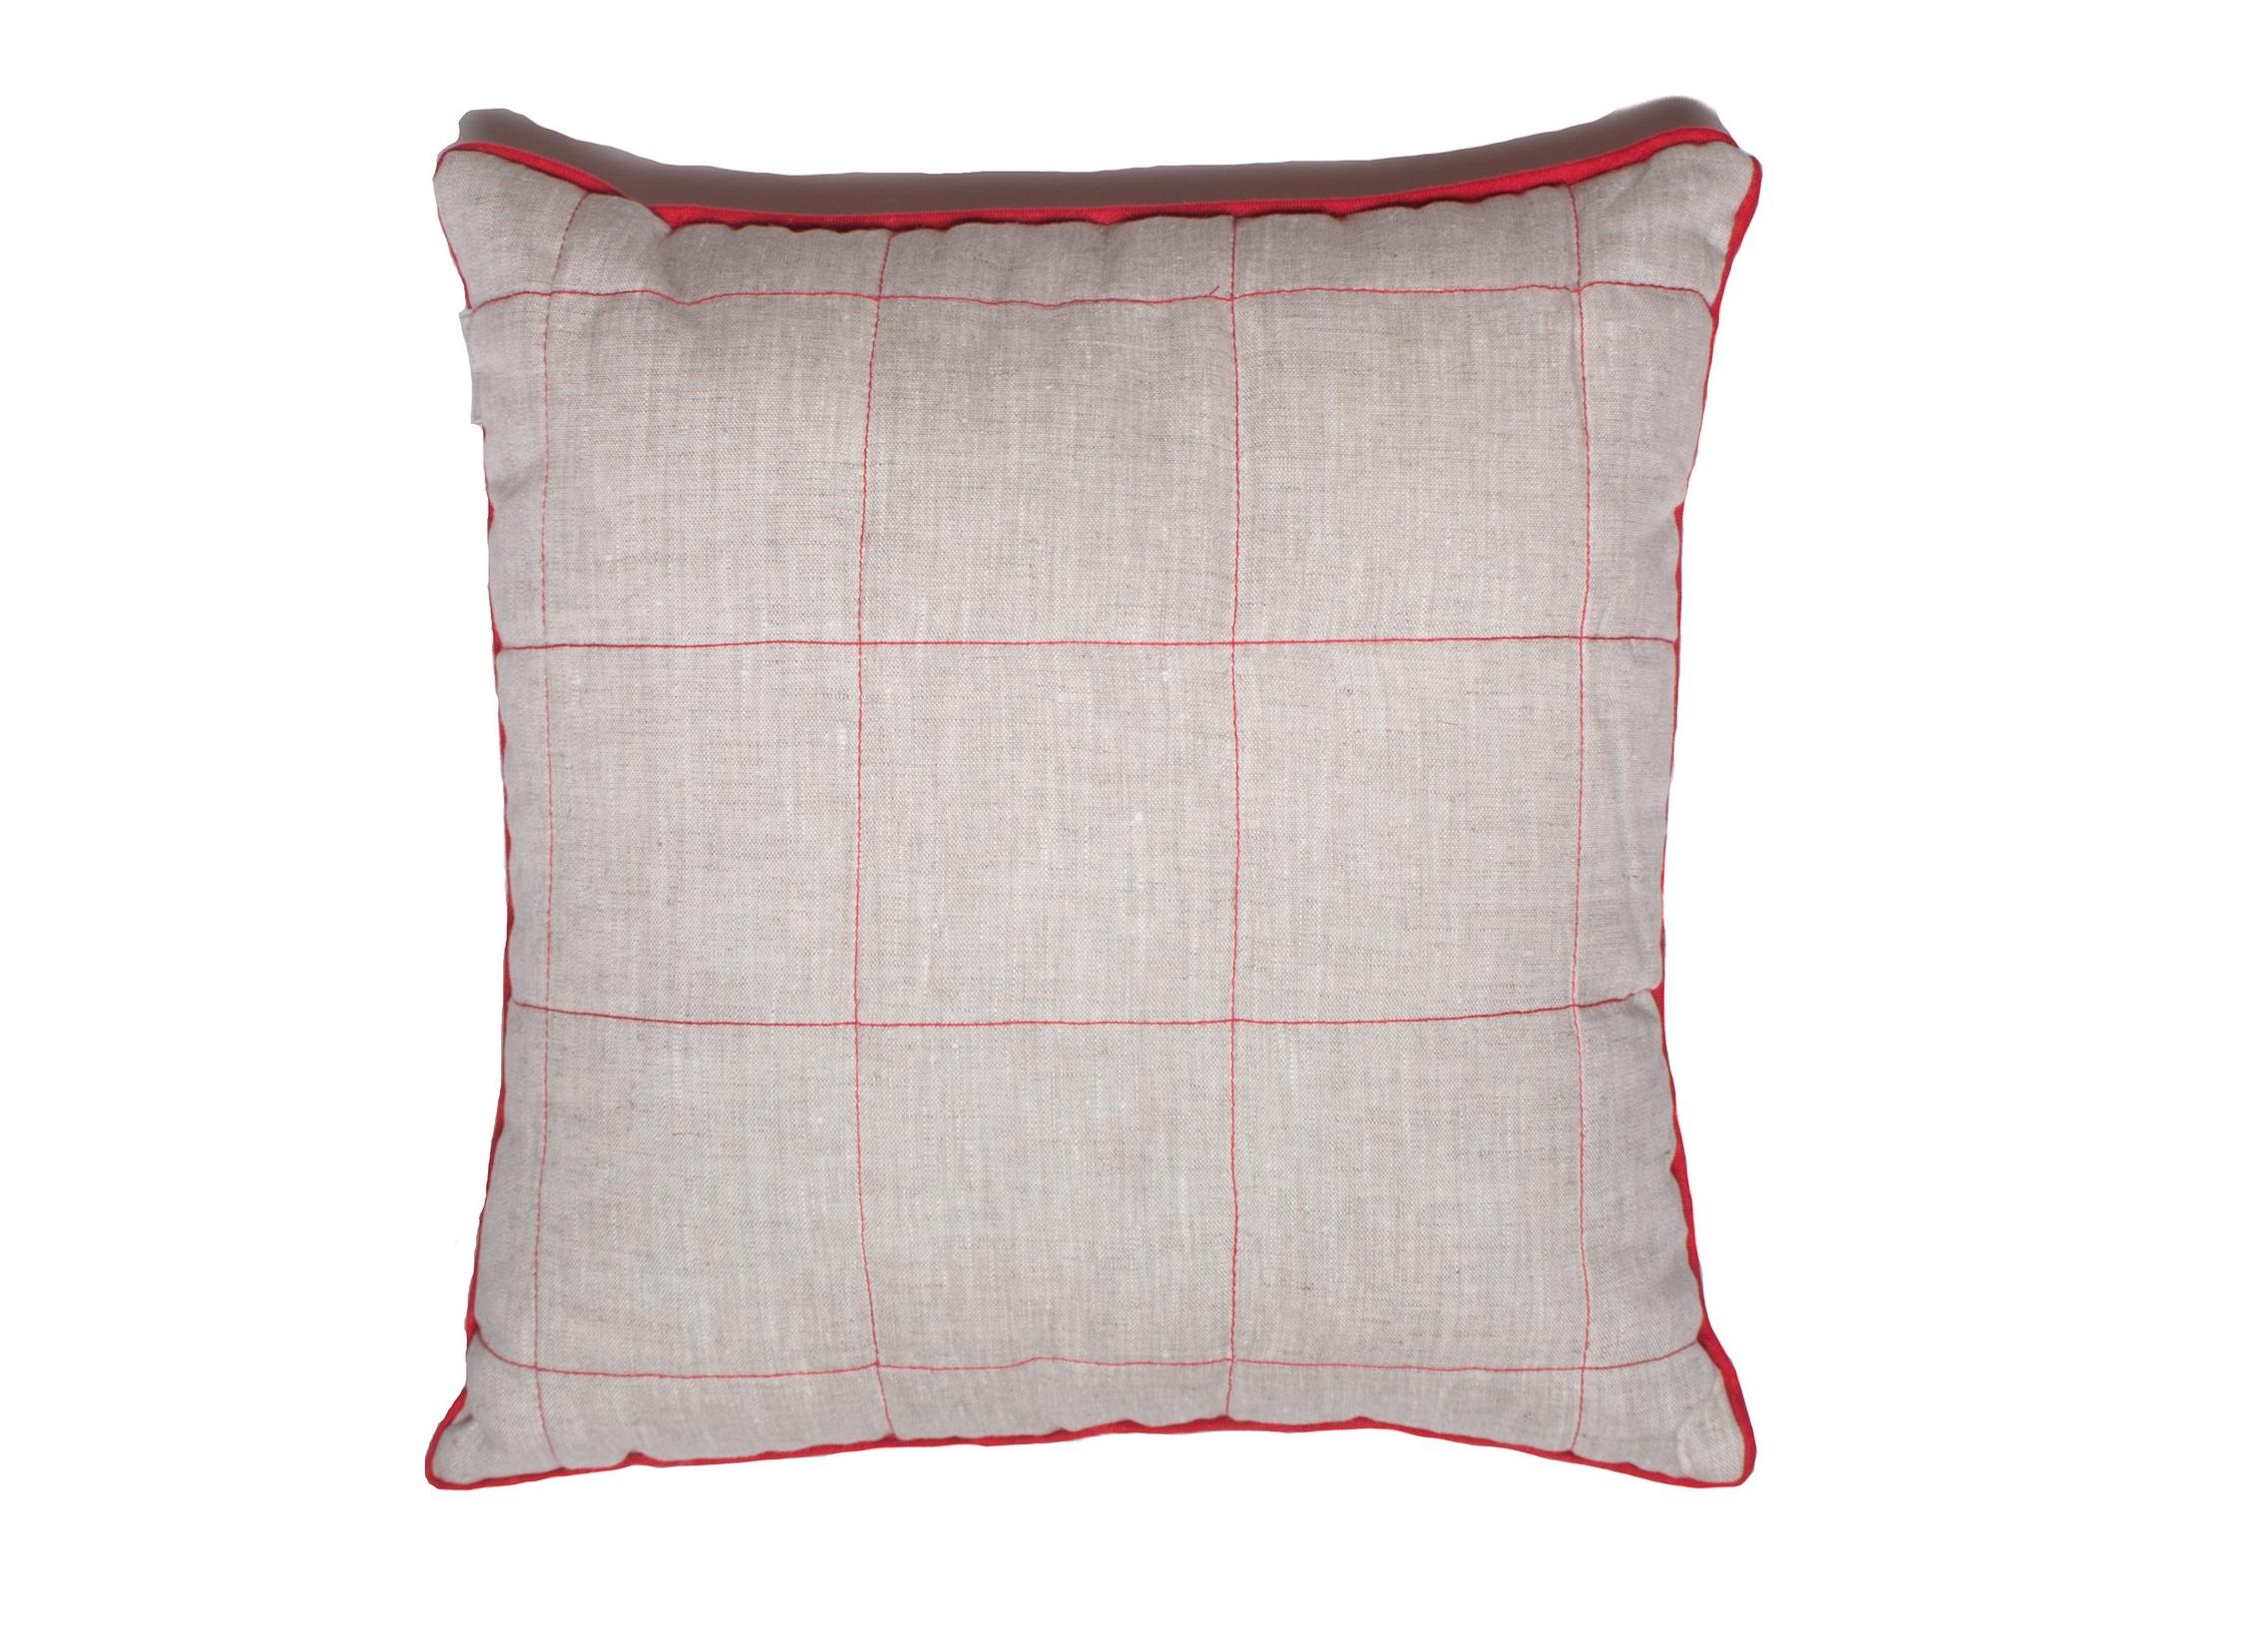 Подушка Датские вафлиКвадратные подушки и наволочки<br><br><br>Material: Хлопок<br>Width см: 45<br>Depth см: 45<br>Height см: 8